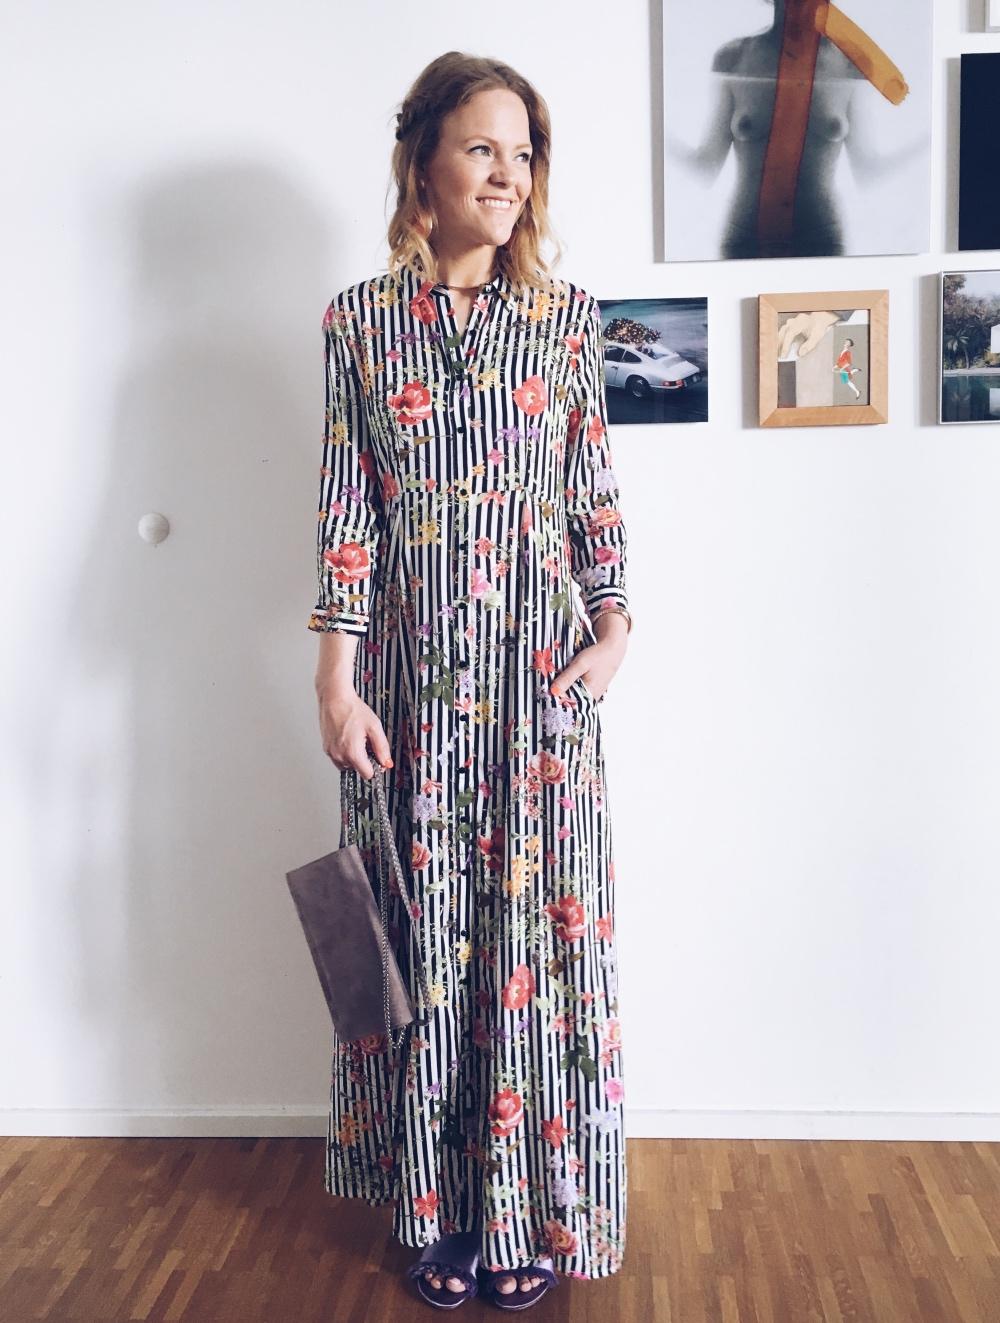 Meine zwei neuesten Teile von H&M und Zara • FOURhang auf • 9 ...